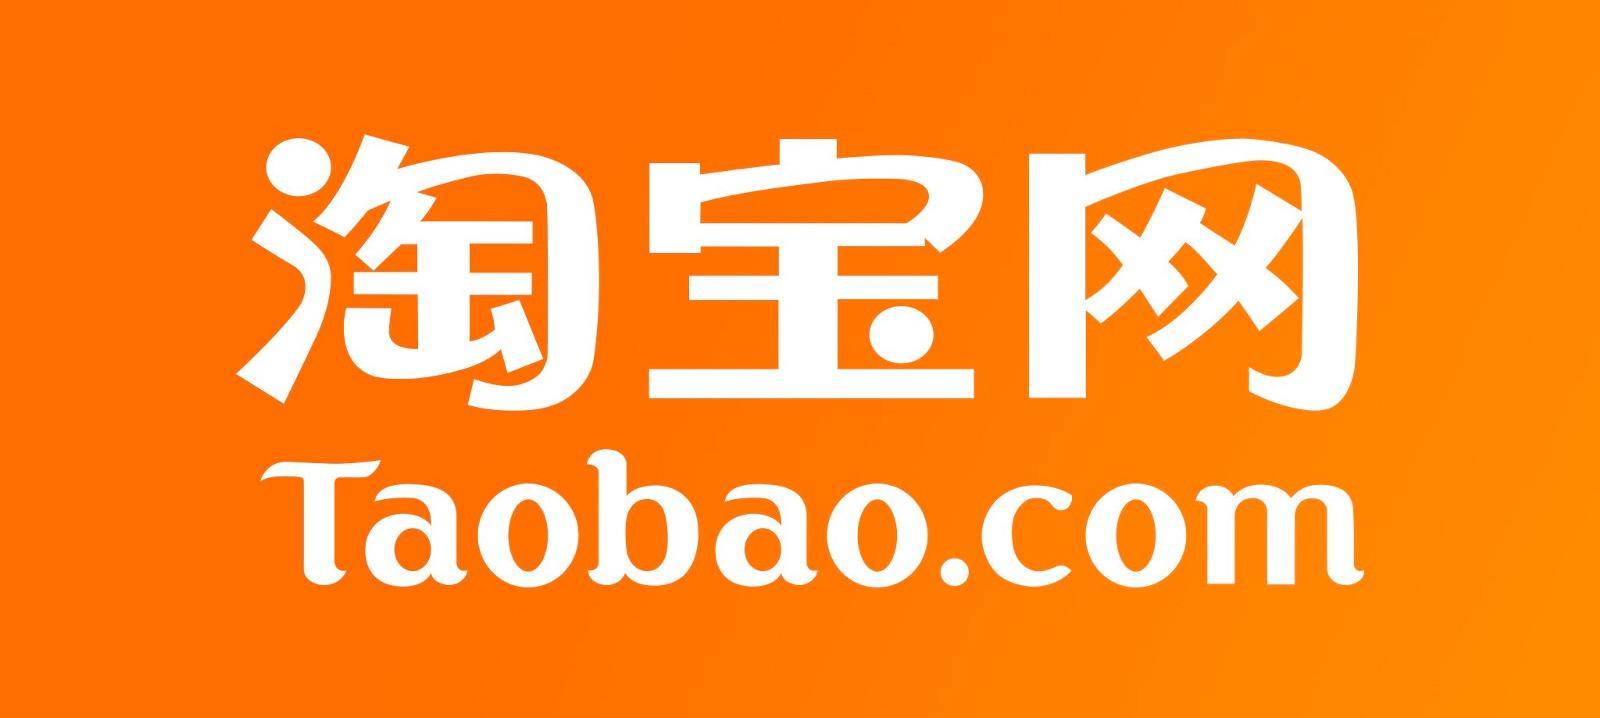 Kinh nghiệm nhập hàng taobao